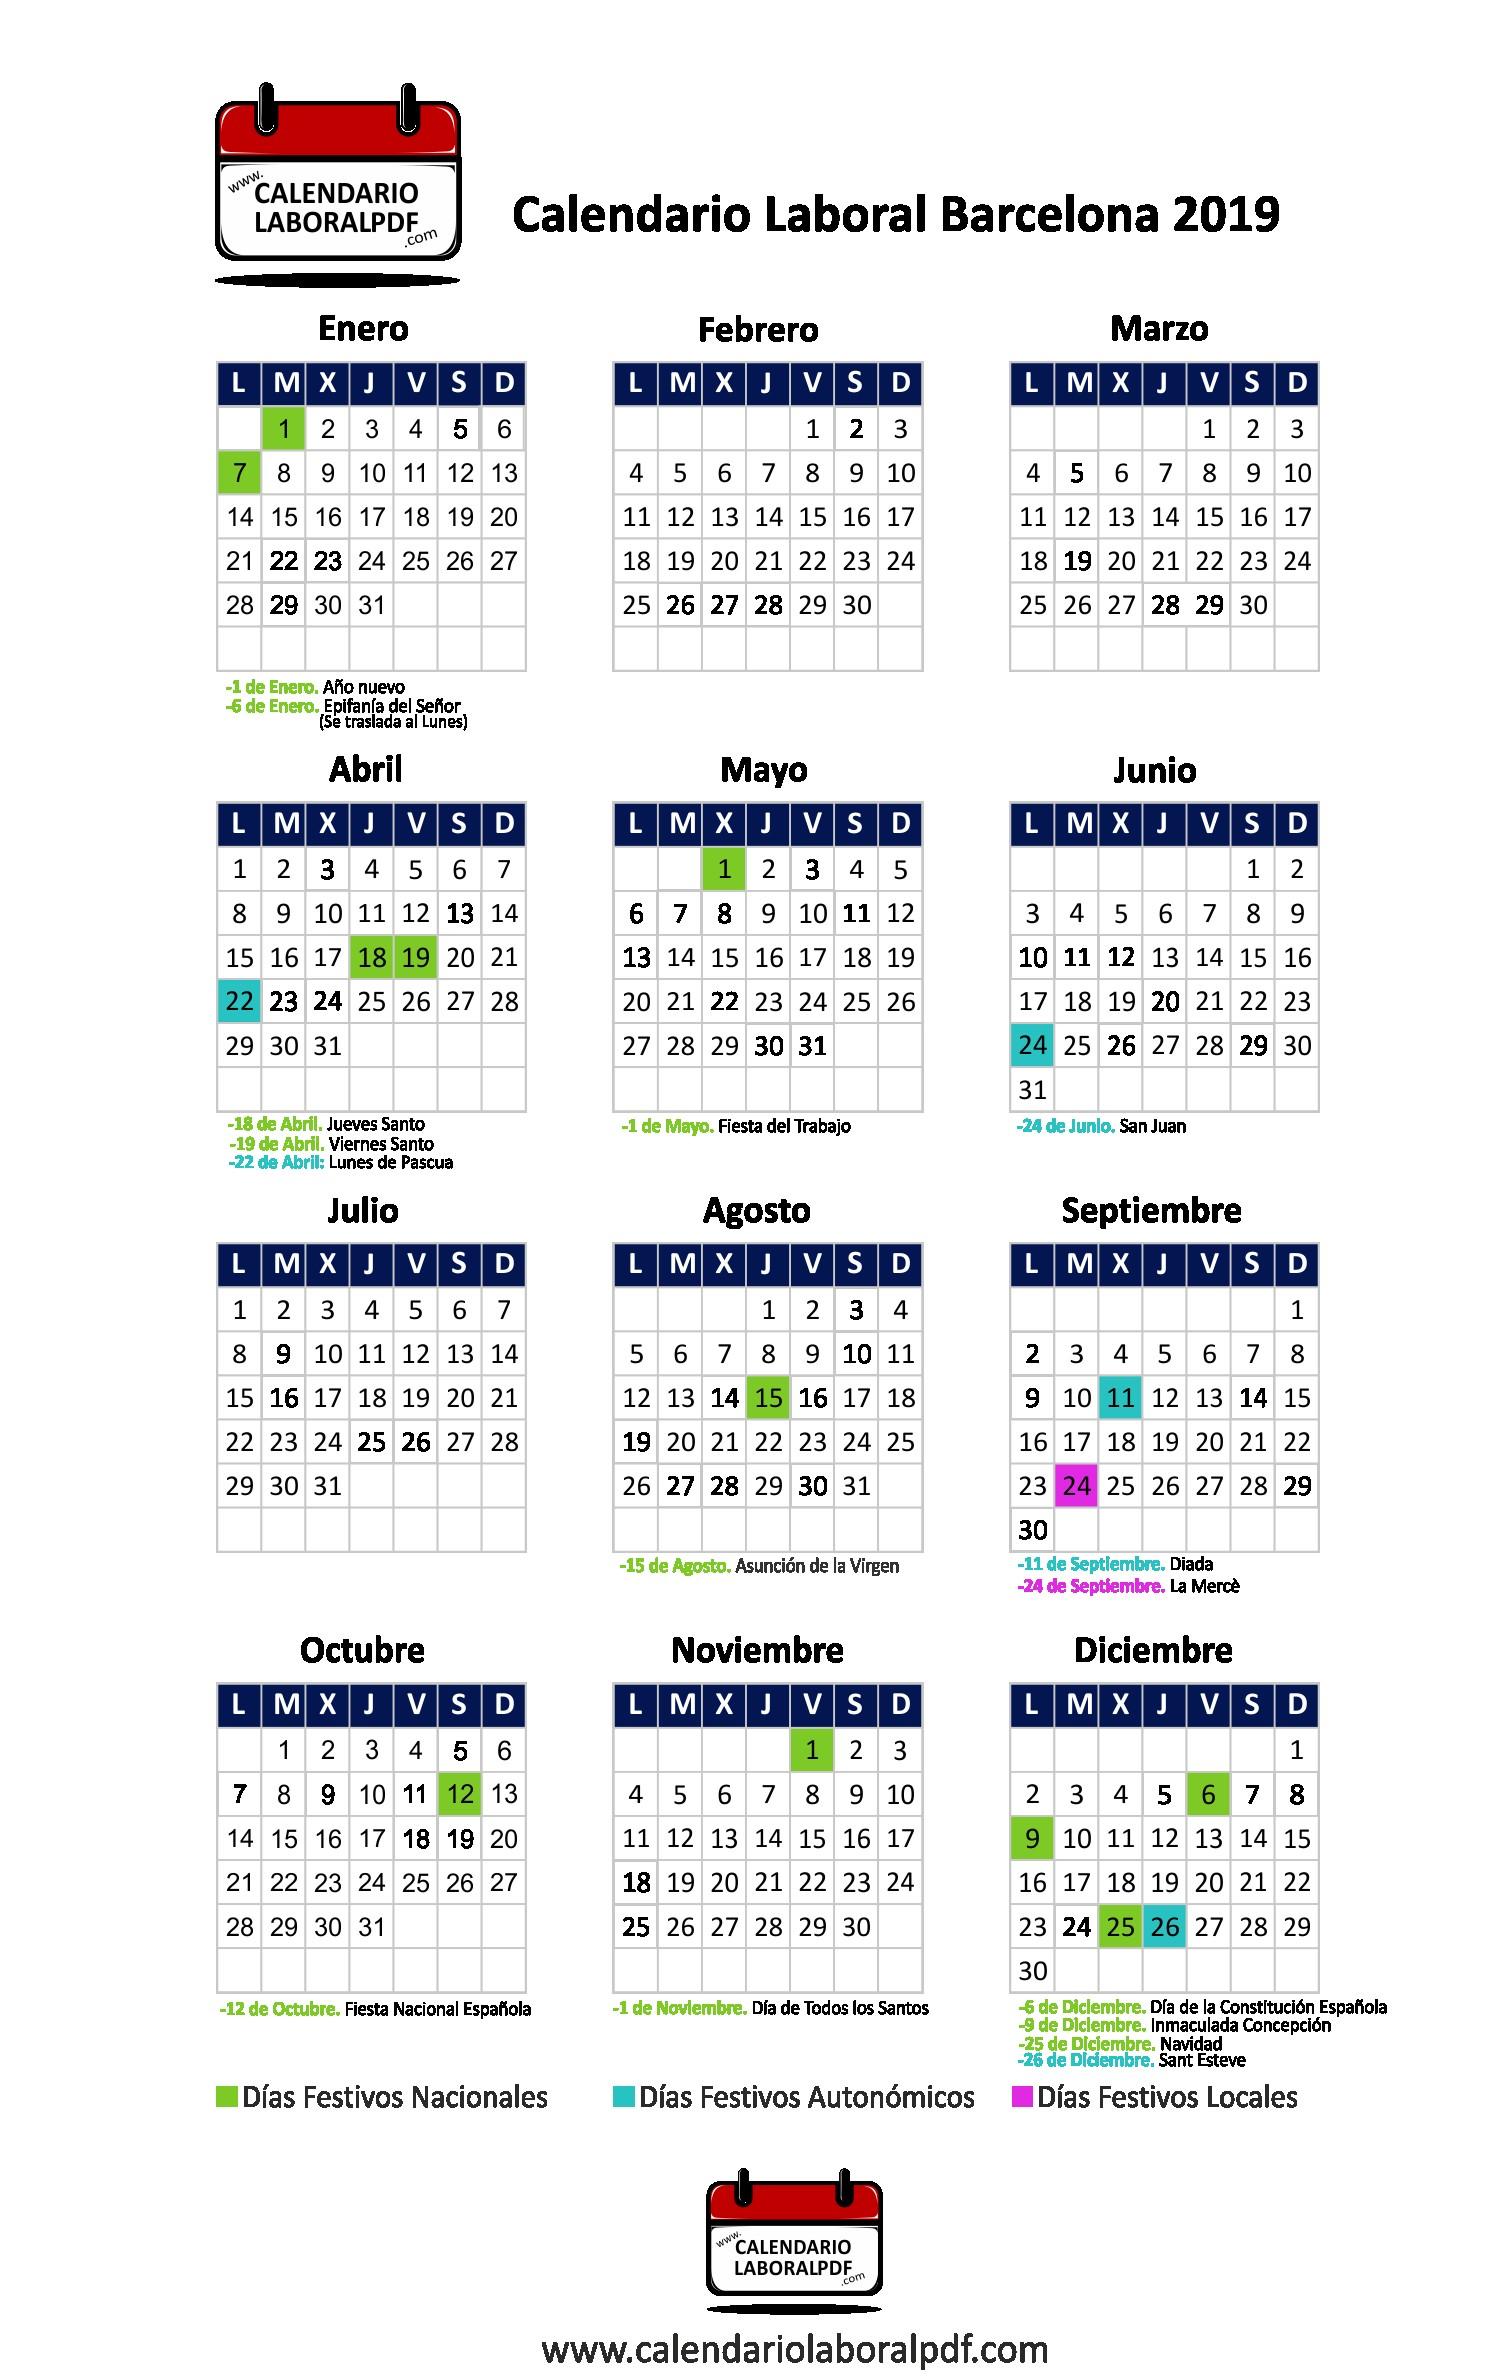 Calendario Laboral 2019 Barcelona Ciudad Mejores Y Más Novedosos Calendario Laboral Barcelona 2019 ▷ ¡descárgalo Gratis